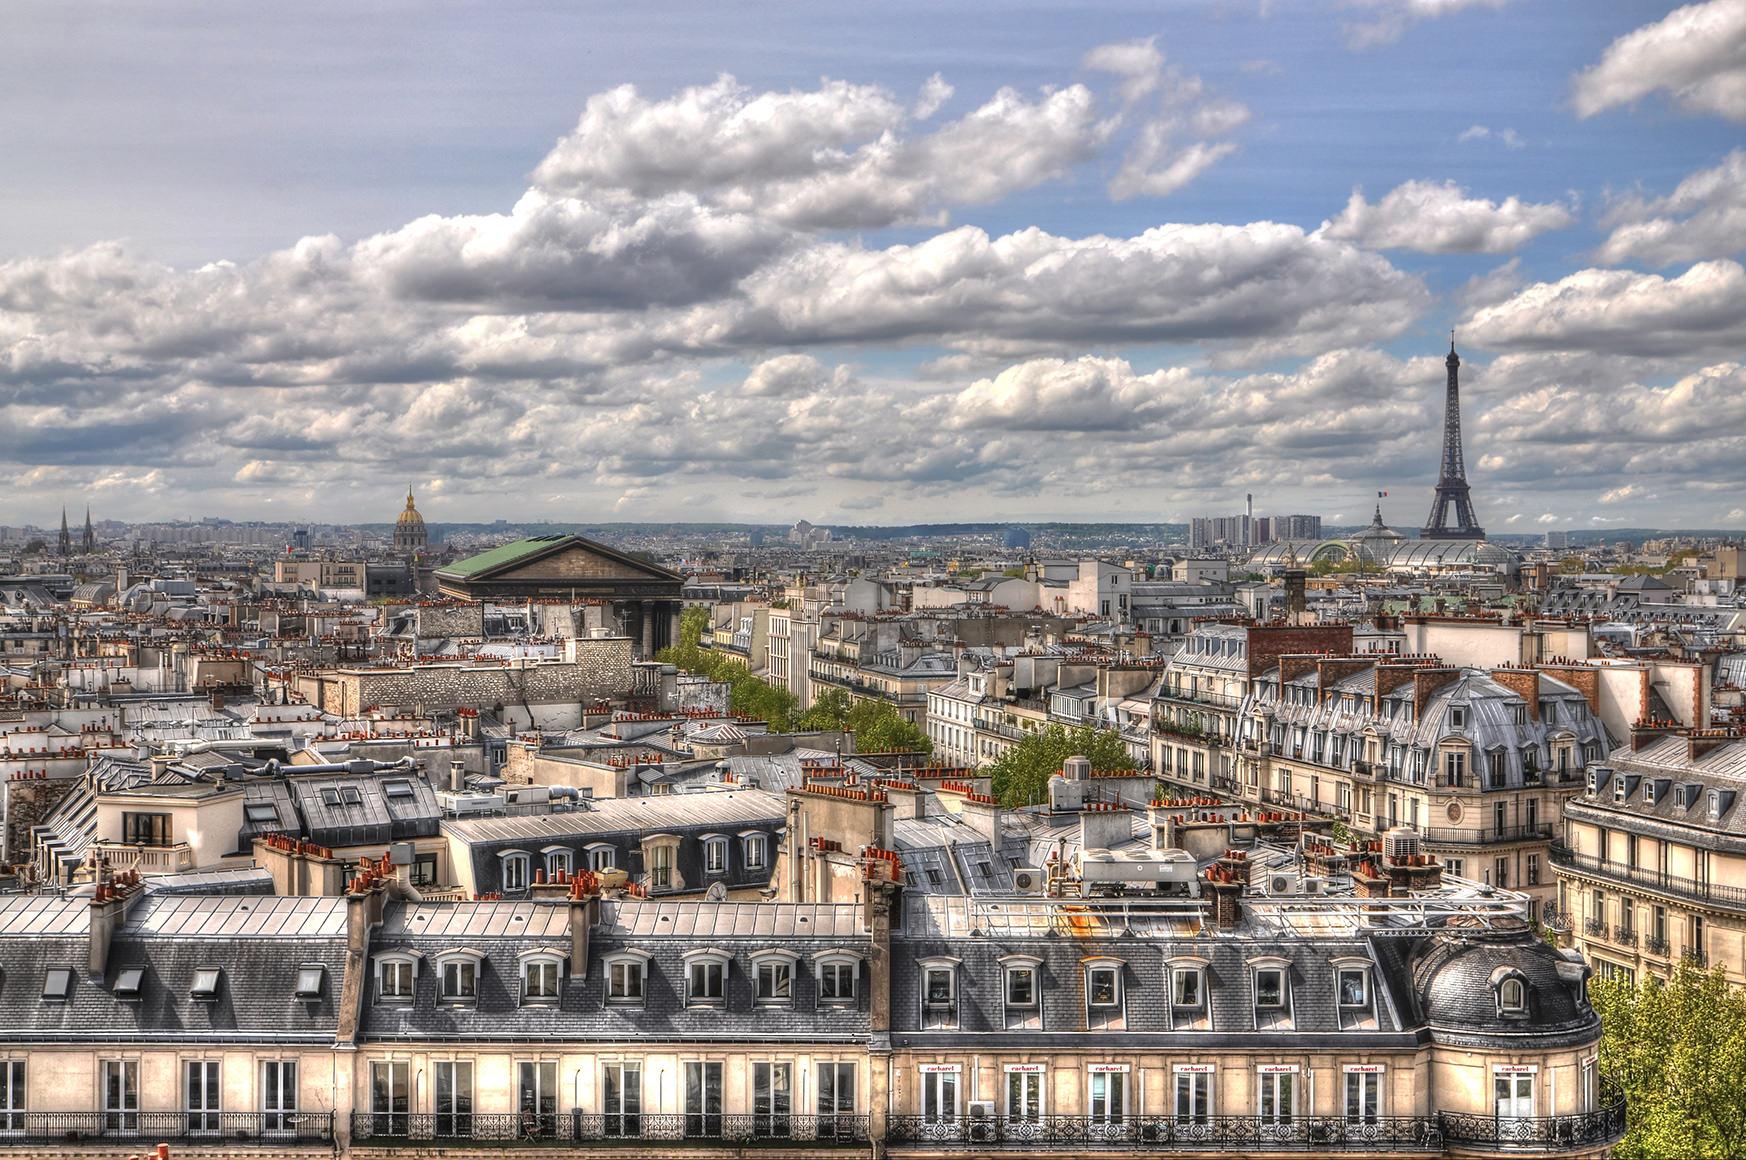 Les toits de Paris en HDR <br> Focal : 20mm - Ouverture : F/10 - Vitesse : 1/250 - Iso : 100